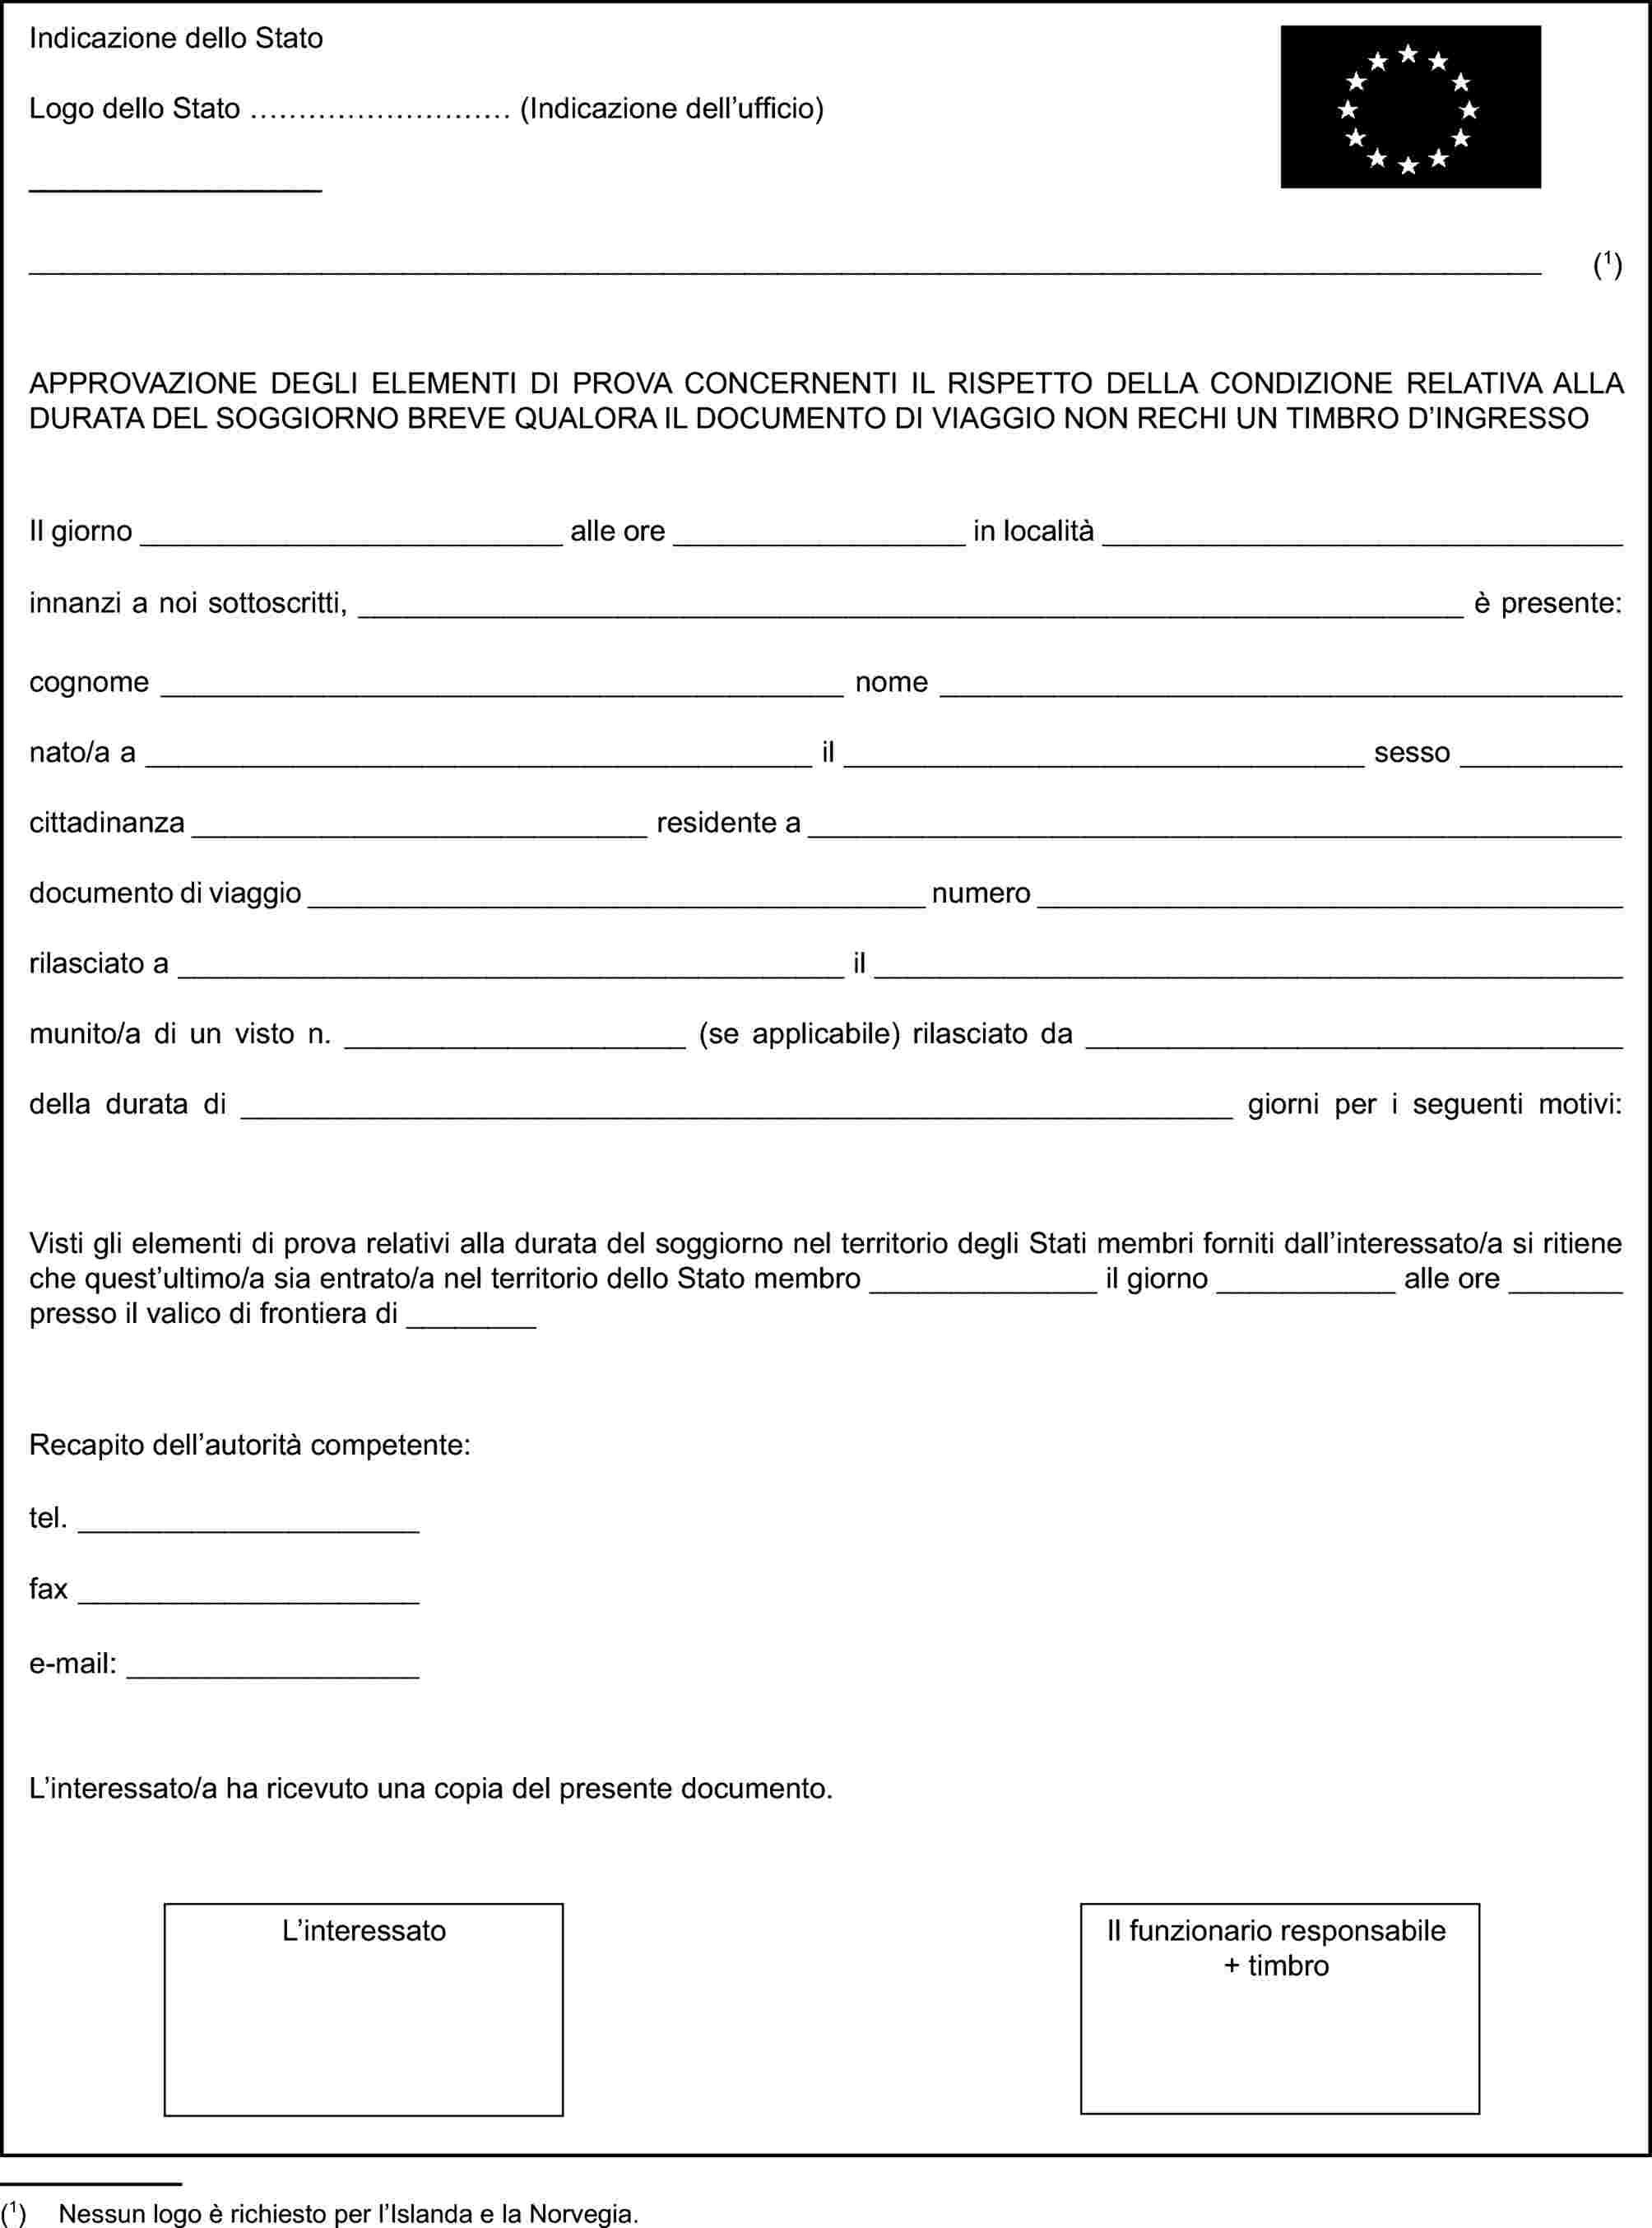 Controllo documenti polizia di stato for Controllo stato permesso di soggiorno